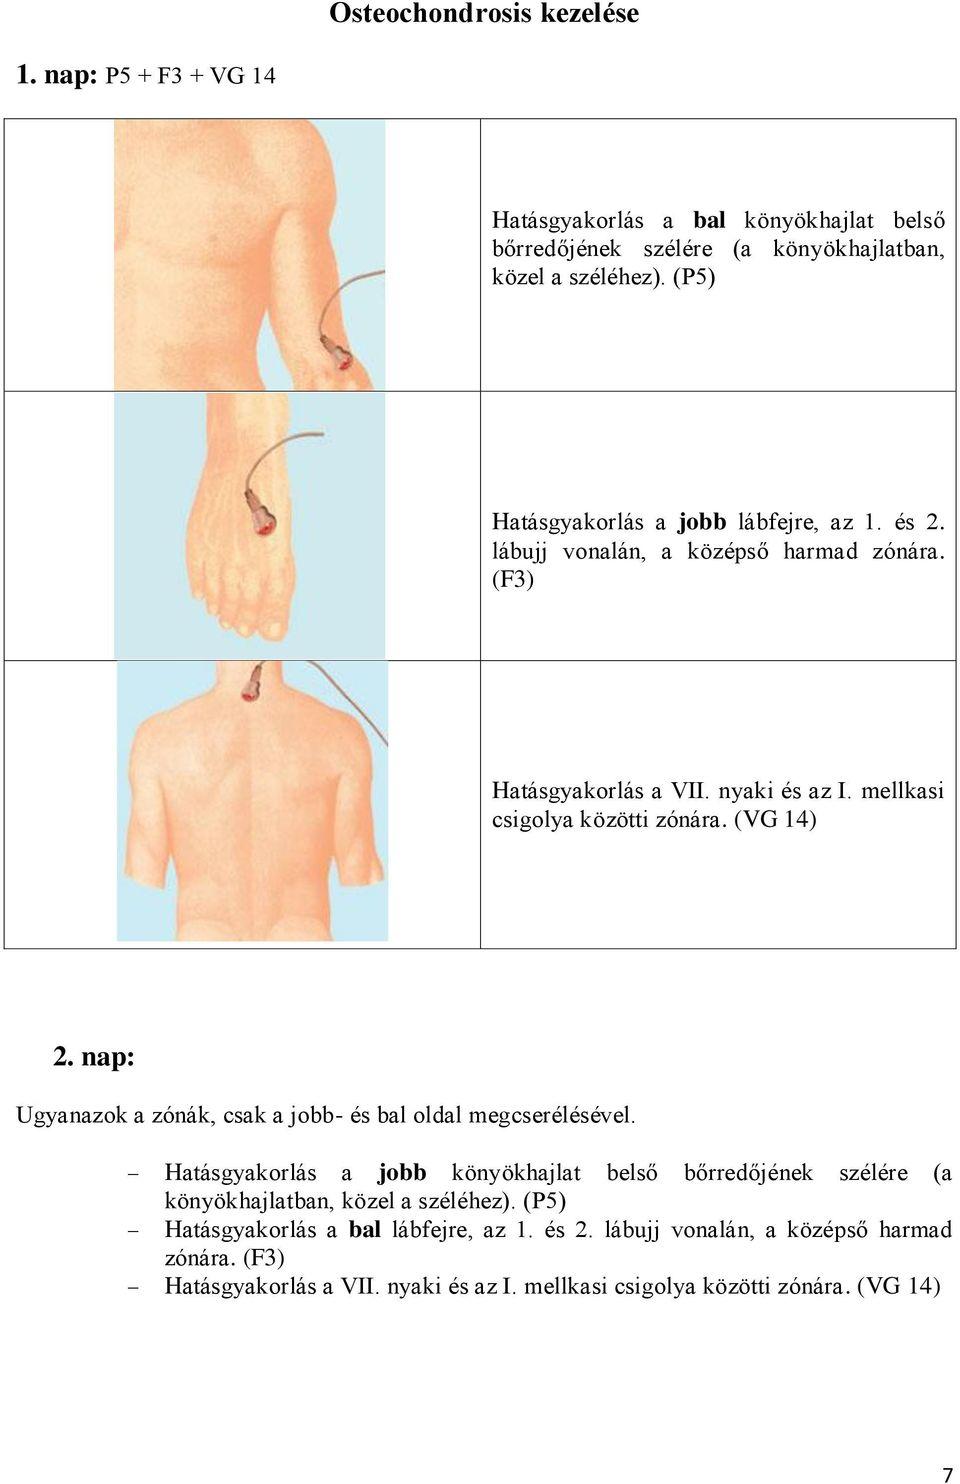 bokaízület periarthritis hogyan kezelhető)